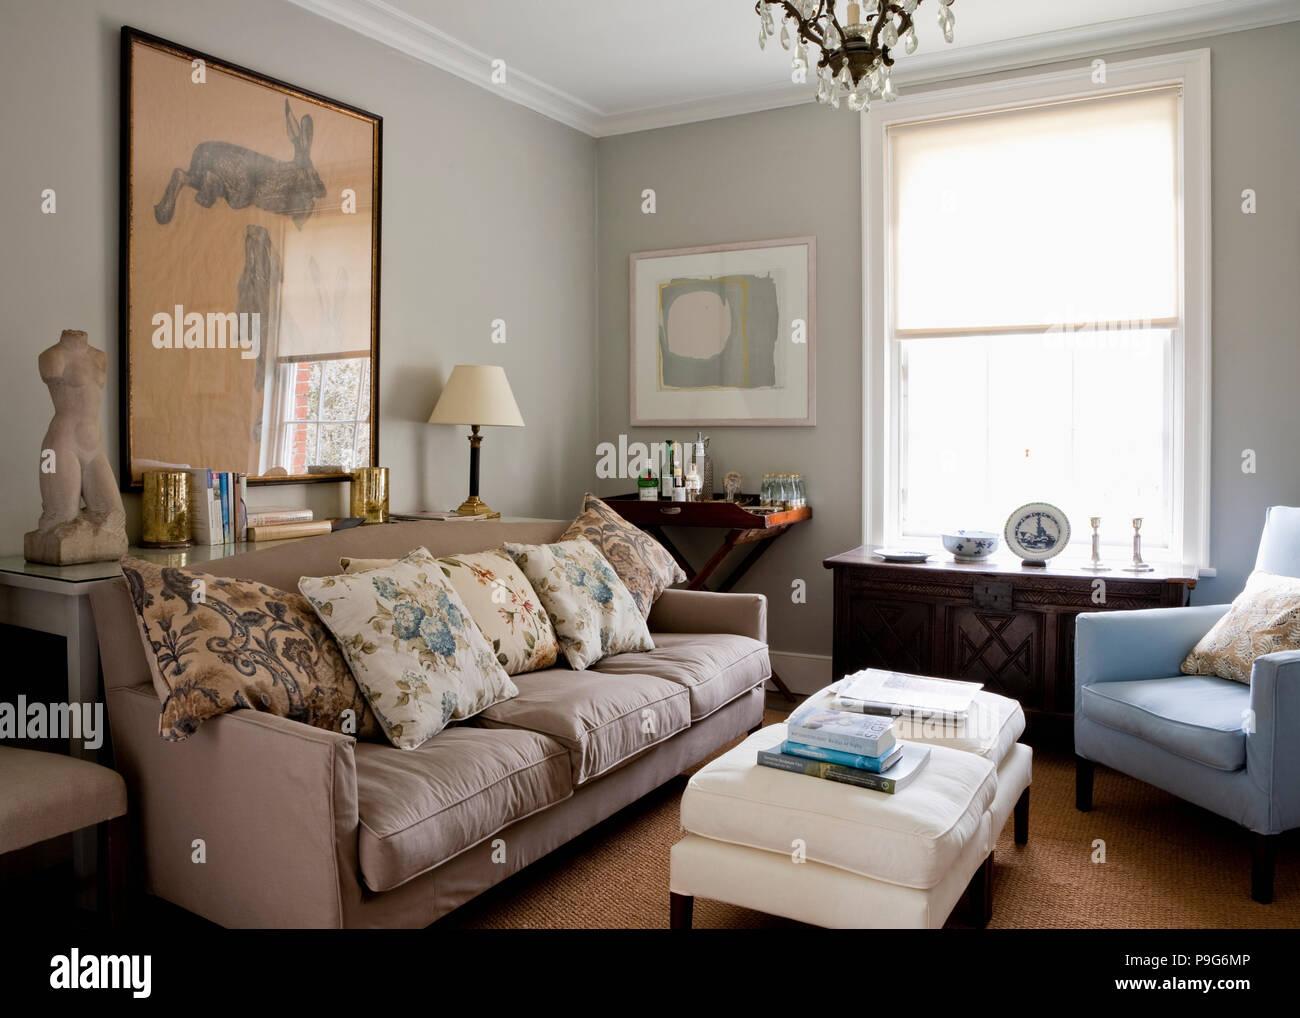 Florale Bettwasche Kissen Beige Sofa In Hellem Grau Wohnzimmer Mit